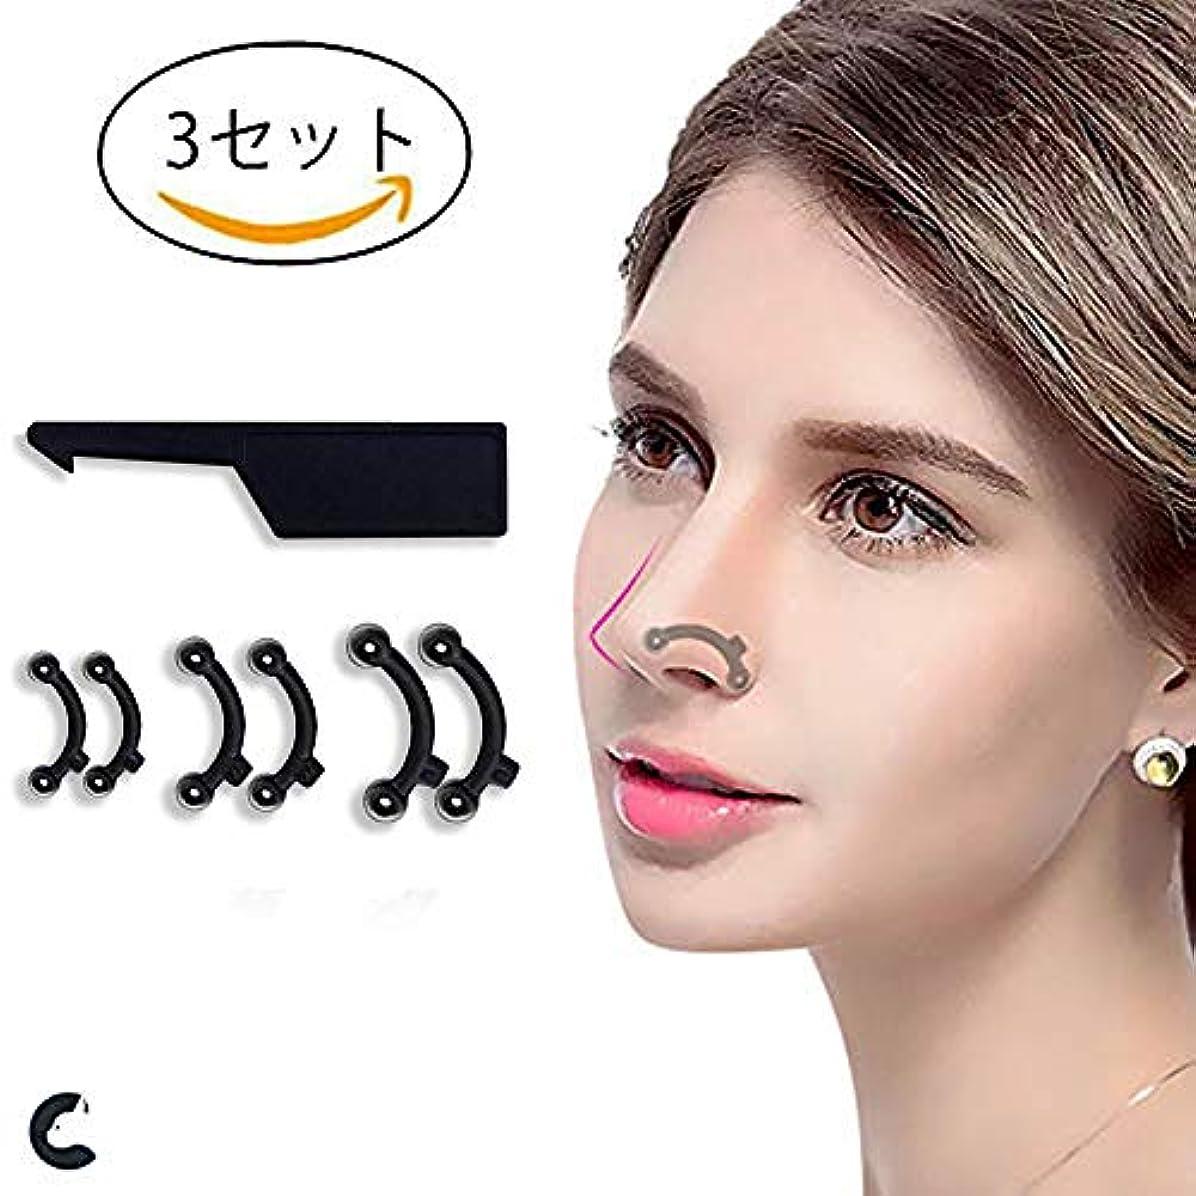 咲く沿って許可ICOUCHI 鼻プチ シリコン プチ整形 痛くない 柔軟性高く矯正プチ 整形せず 鼻筋矯正 23mm/24.5mm/26mm全3サイズ